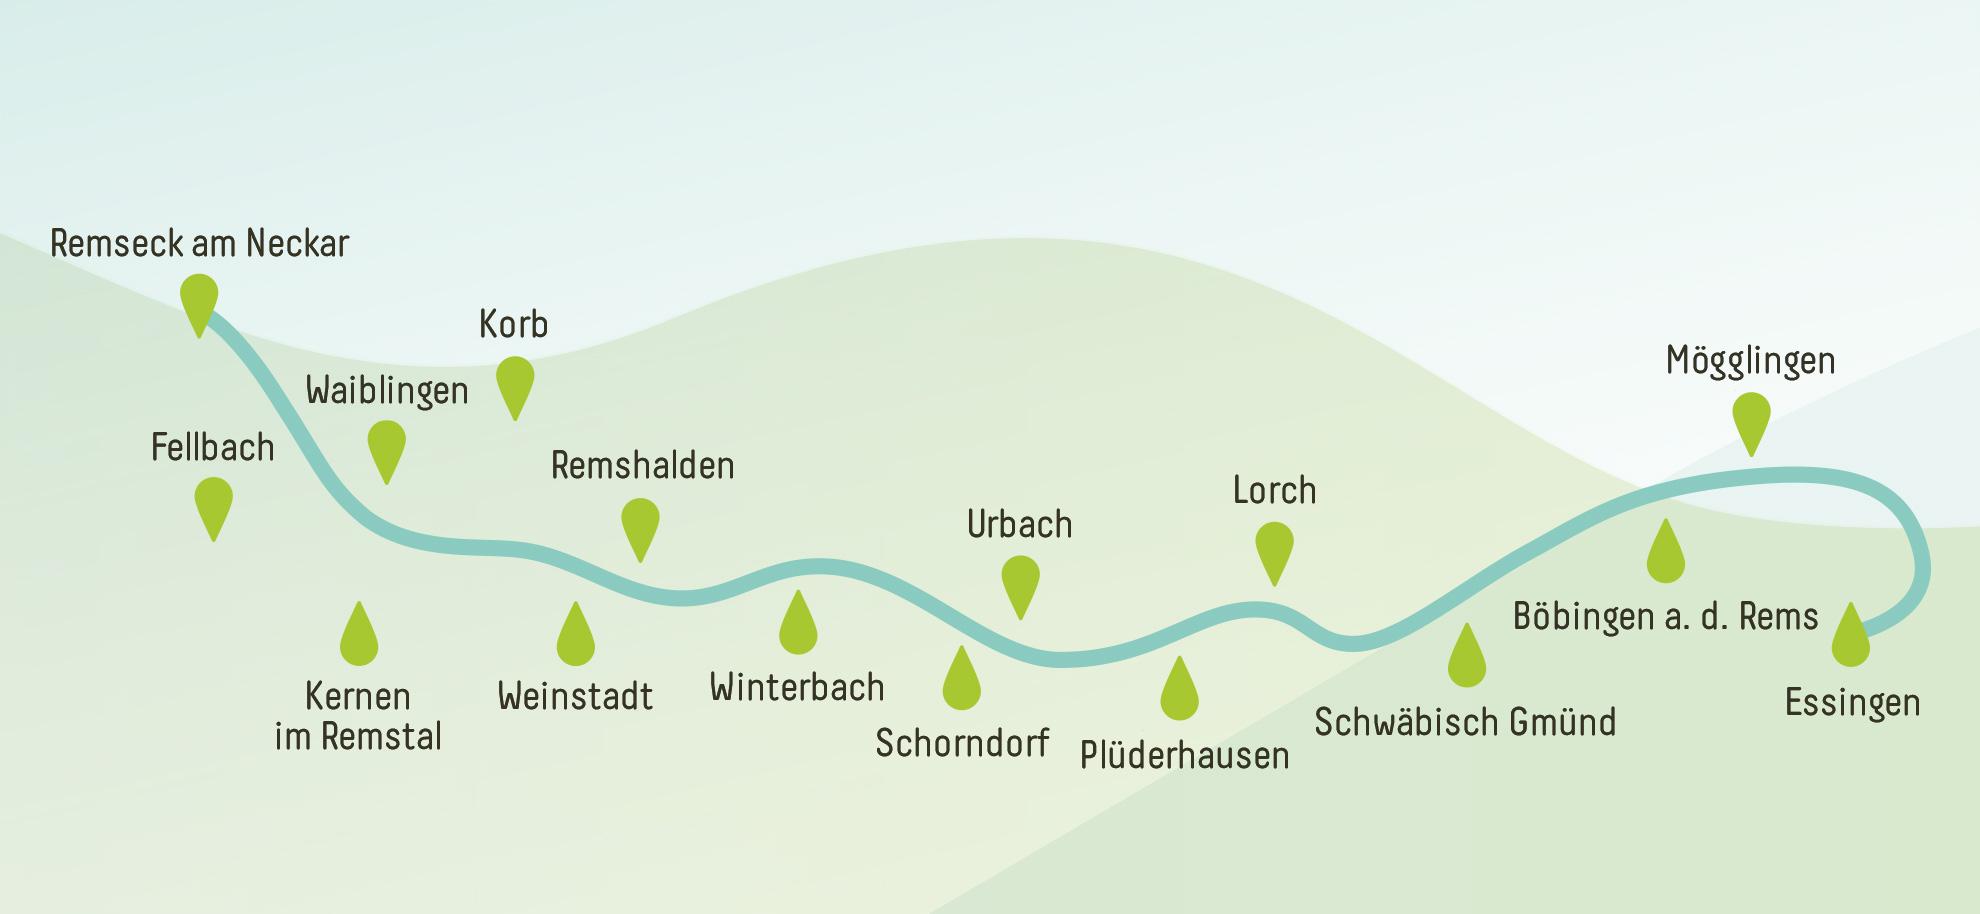 Remstal Gartenschau 2019 - Remsverlauf und teilnehmende Kommunen